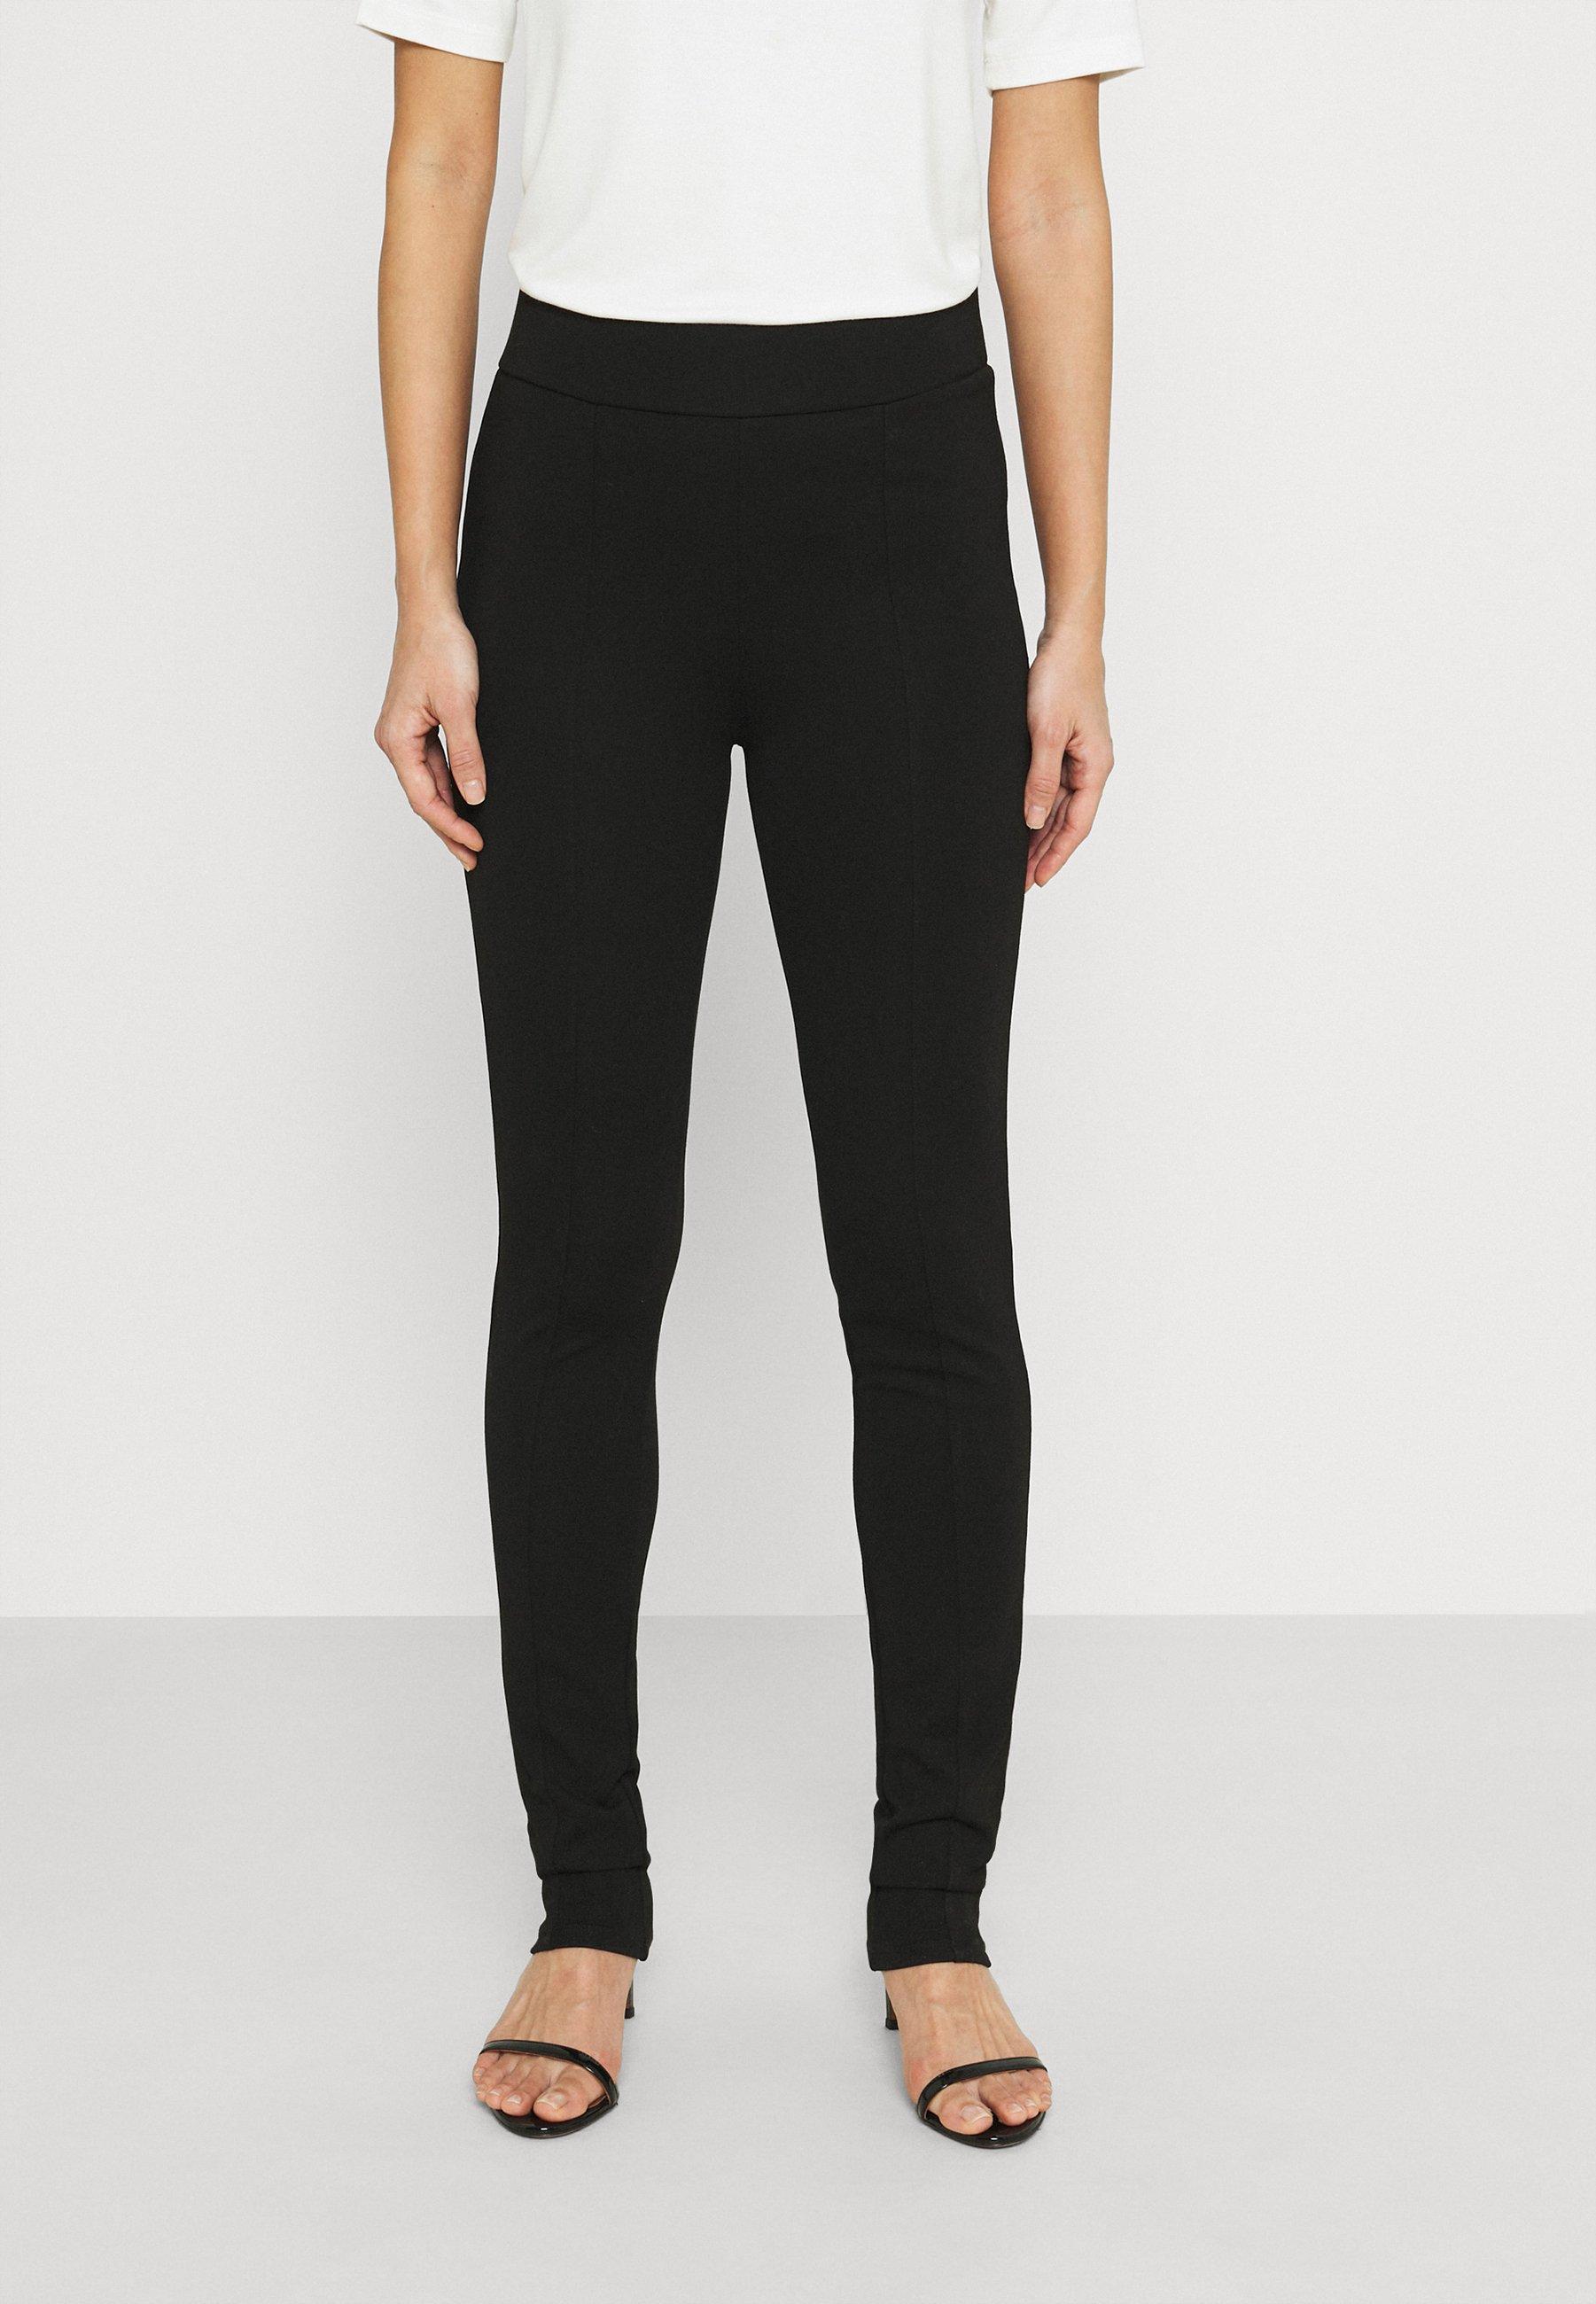 Damen DANIELLA - Leggings - Hosen